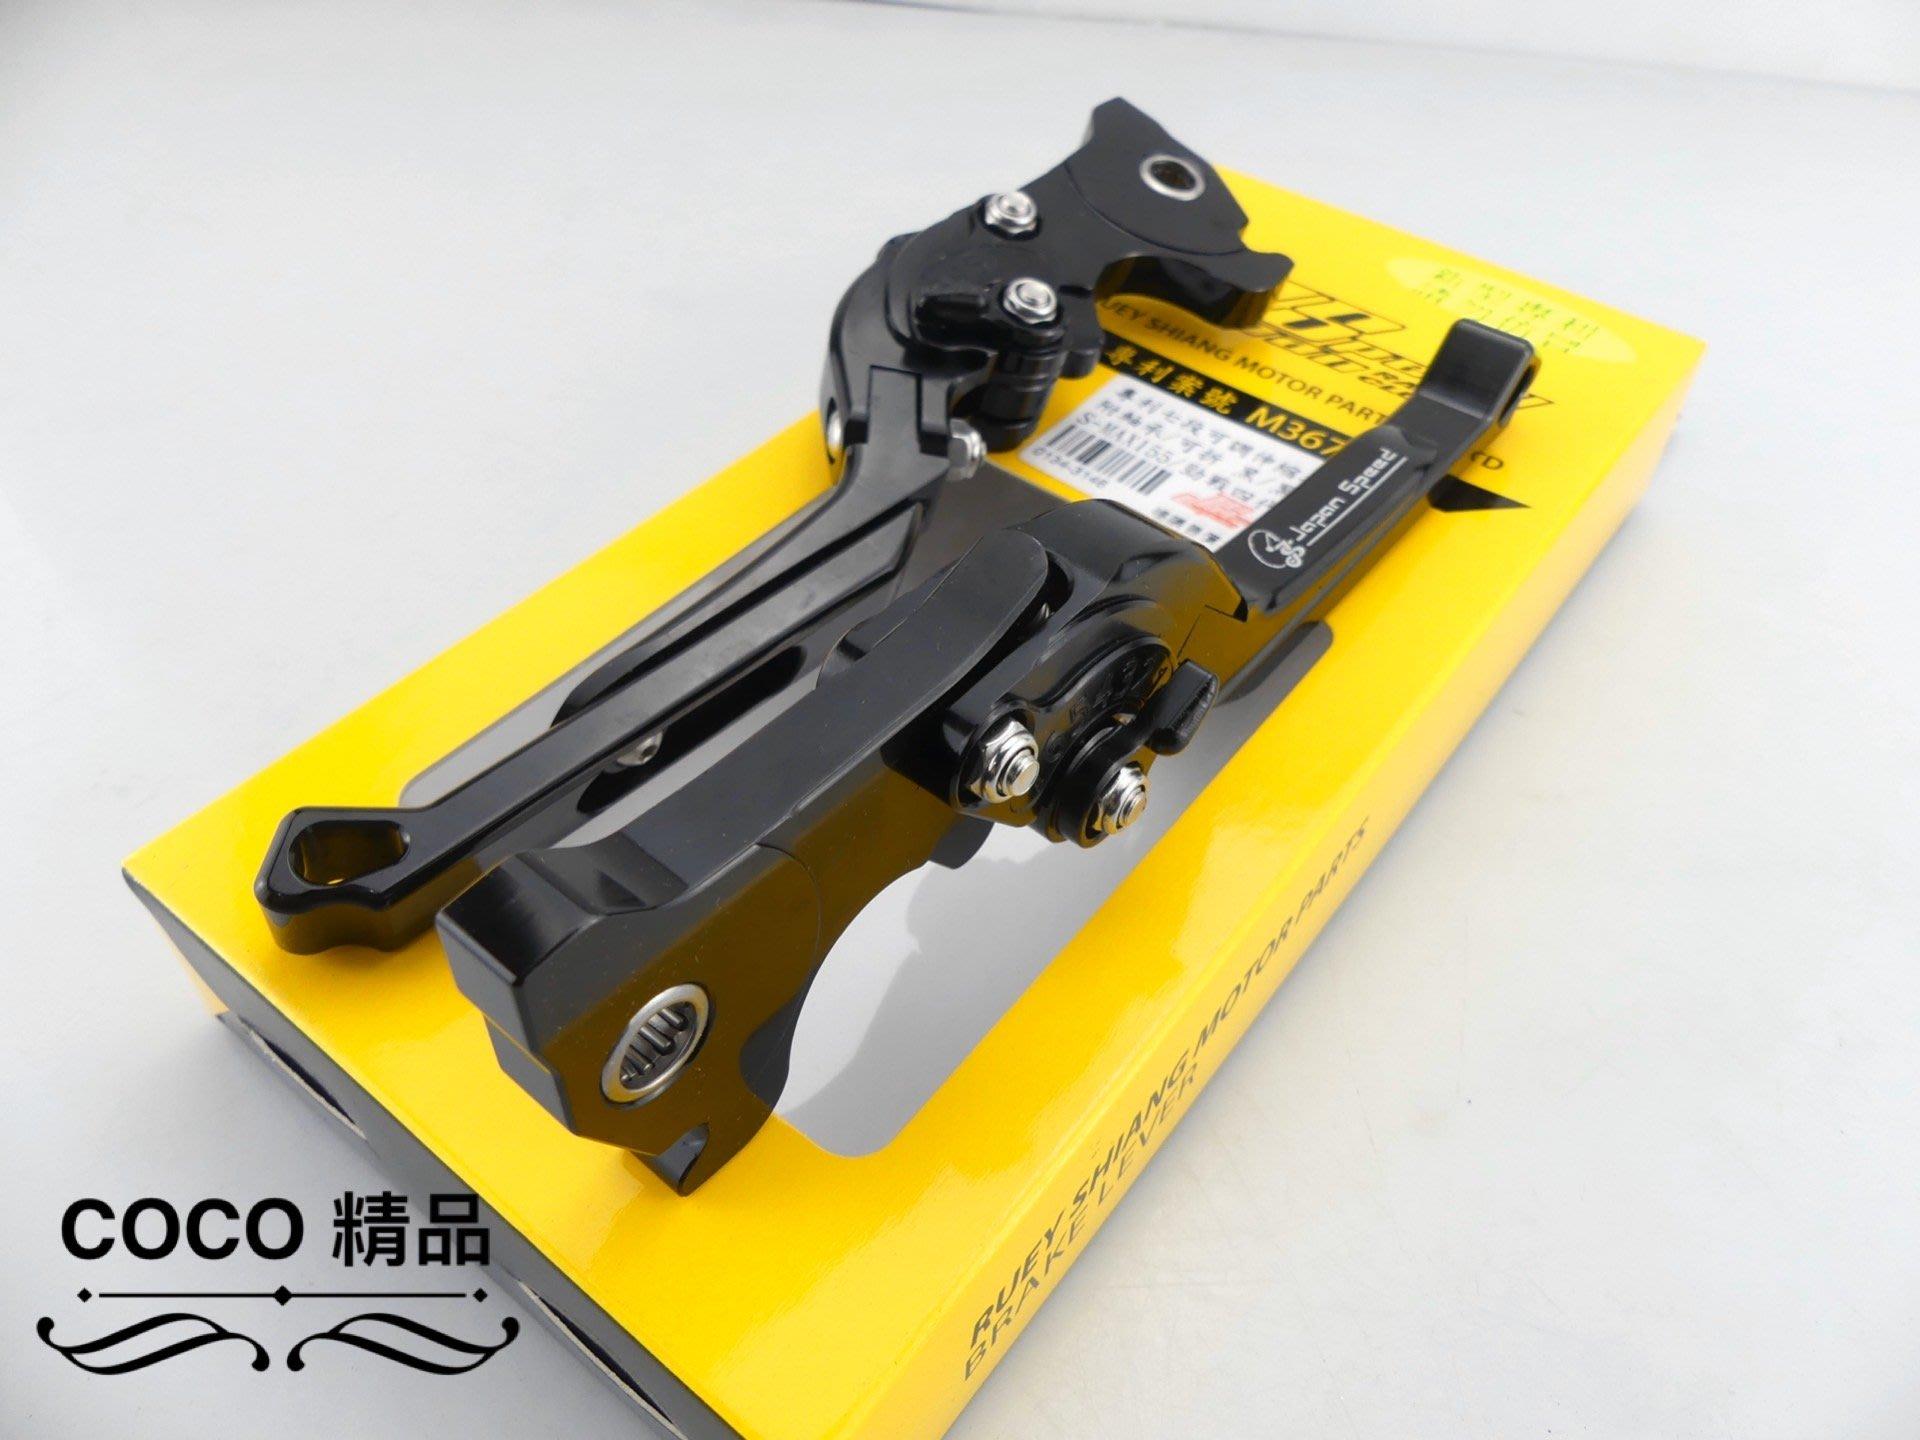 COCO機車精品 JS 可調拉桿 新款 煞車拉桿 拉桿 適用 勁戰 四代 五代 SMAX FORCE 黑/黑